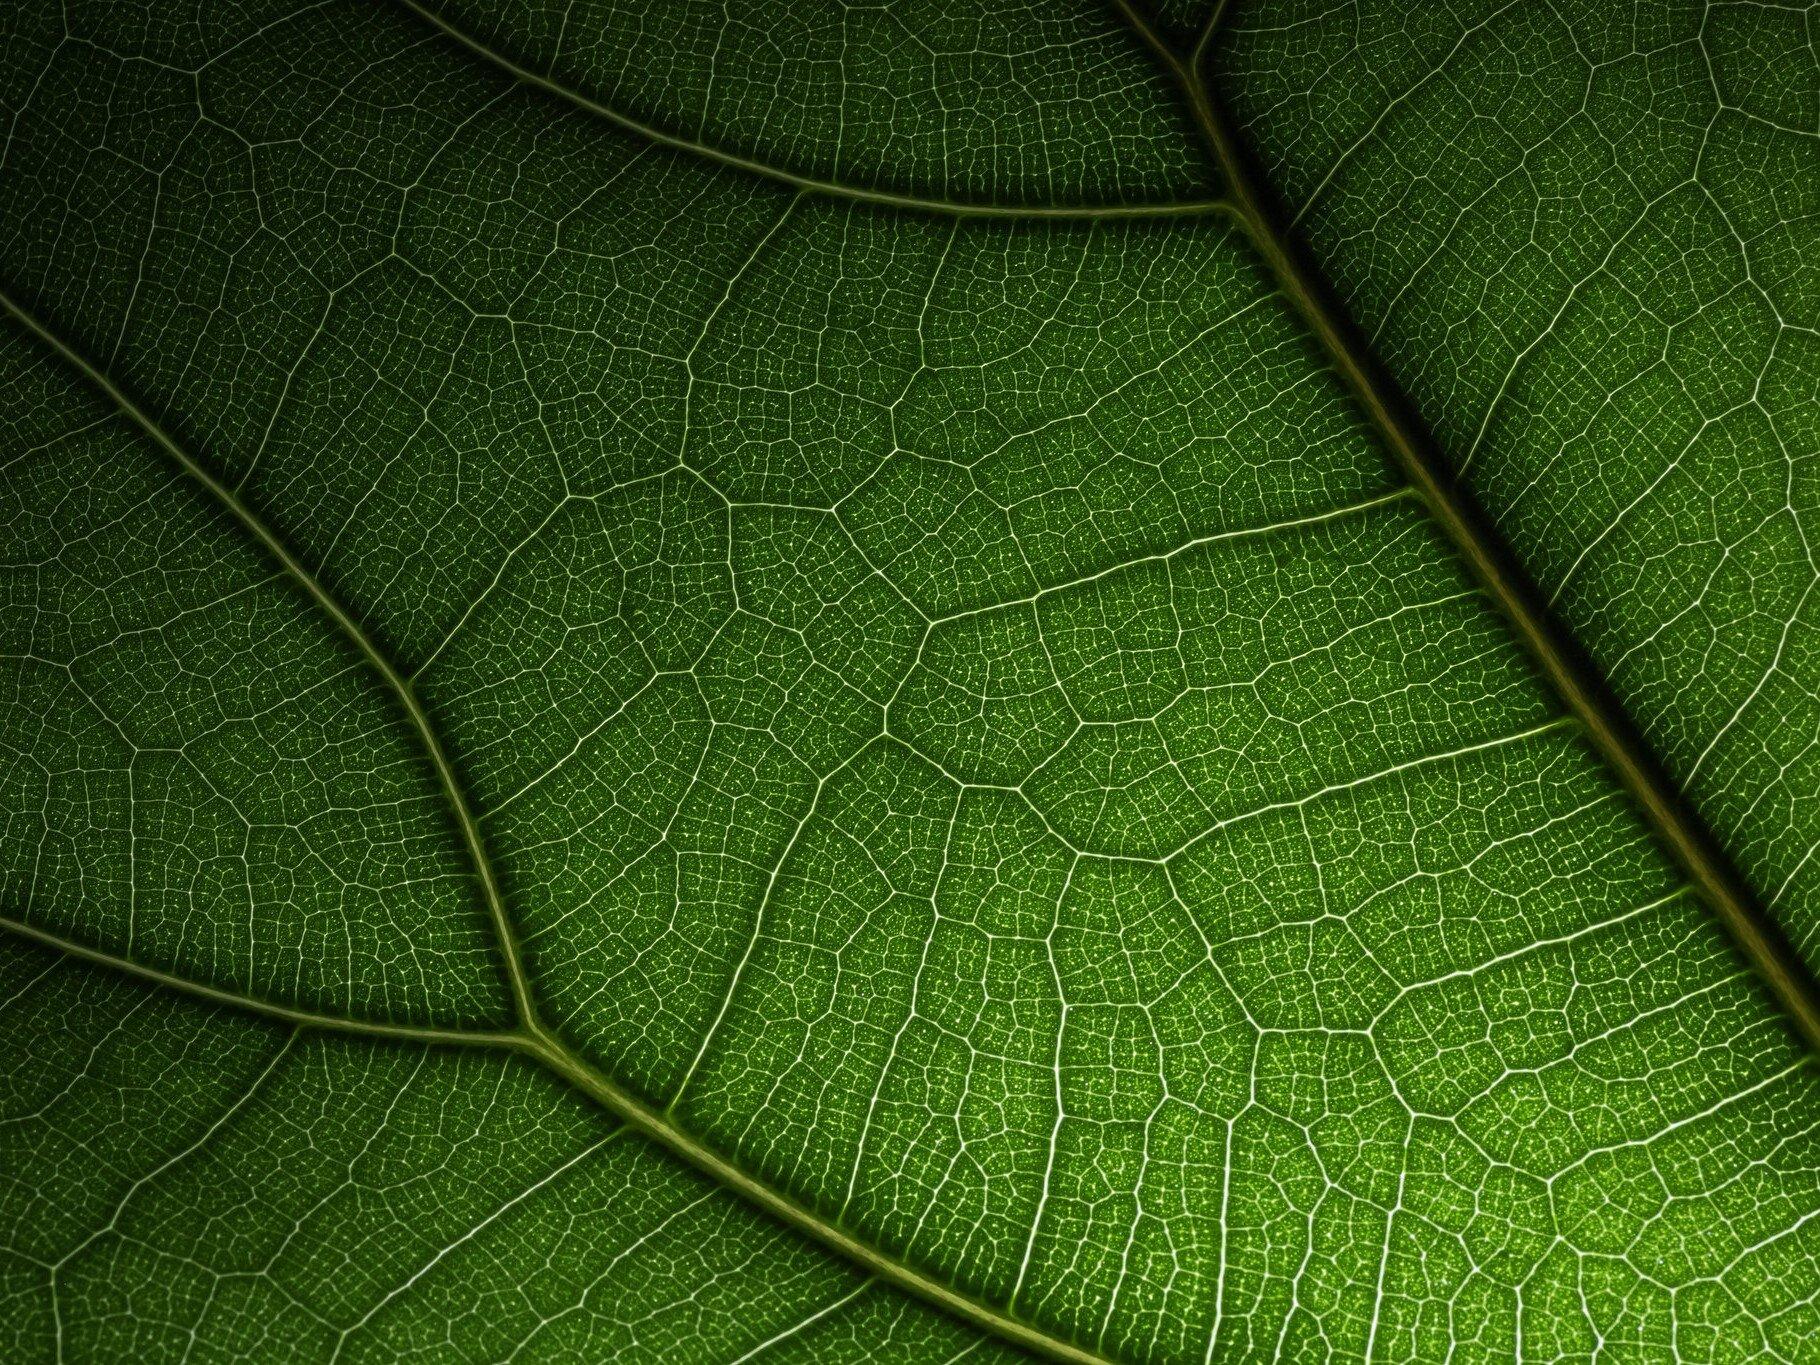 Photo: Jay Howard, Fiddle-Leaf Fig Leaf (Ficus lyrata) (CC BY-NC 2.0)  Via Flickr